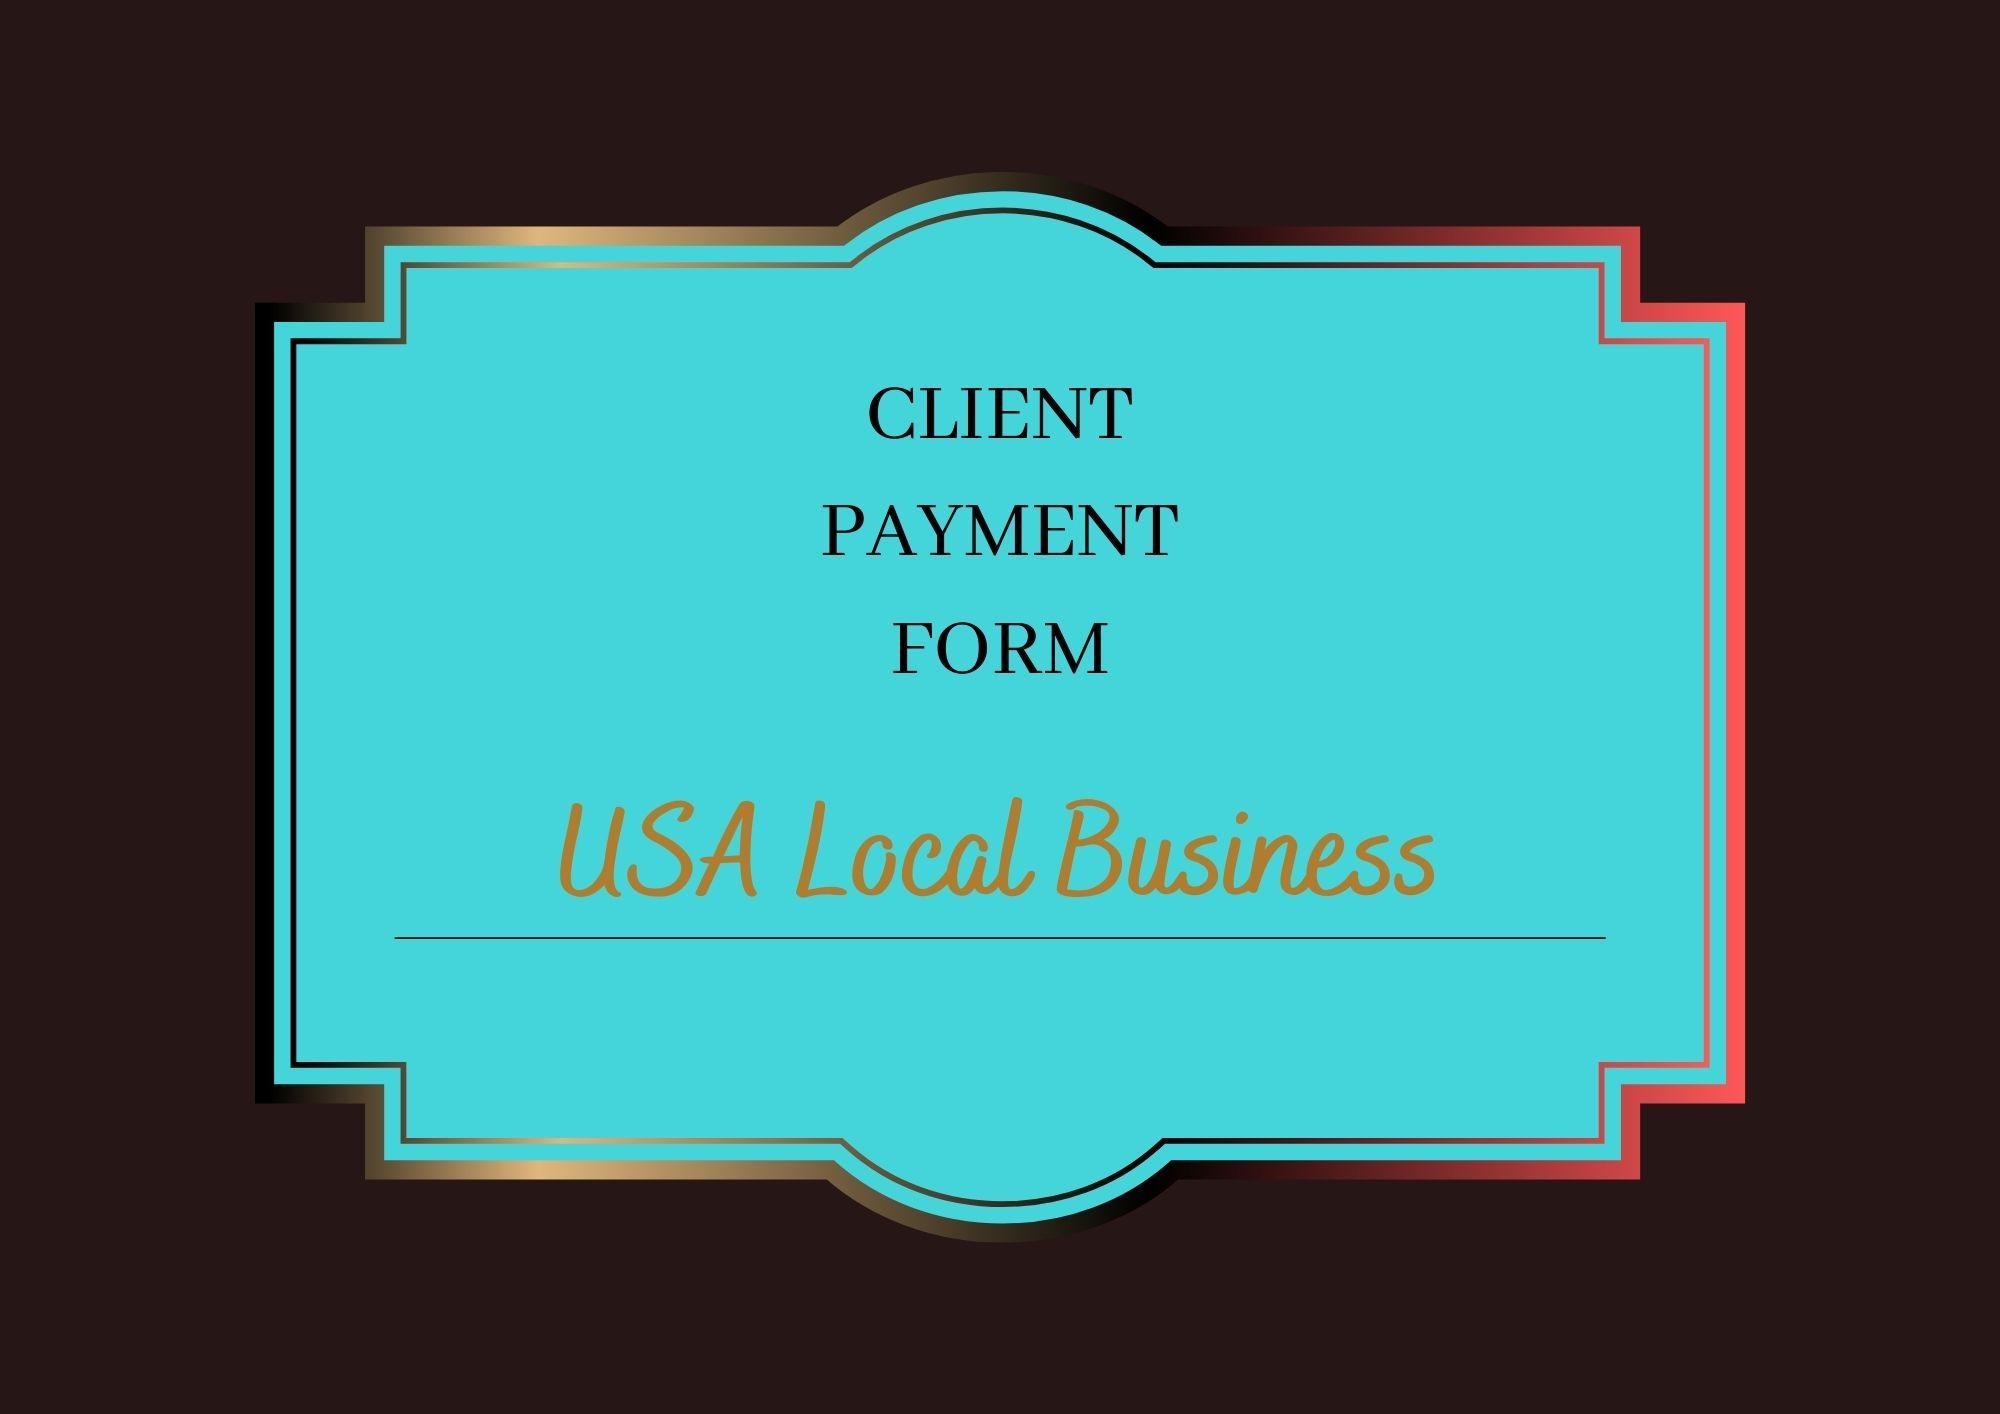 Health Portal US - Client Payment form